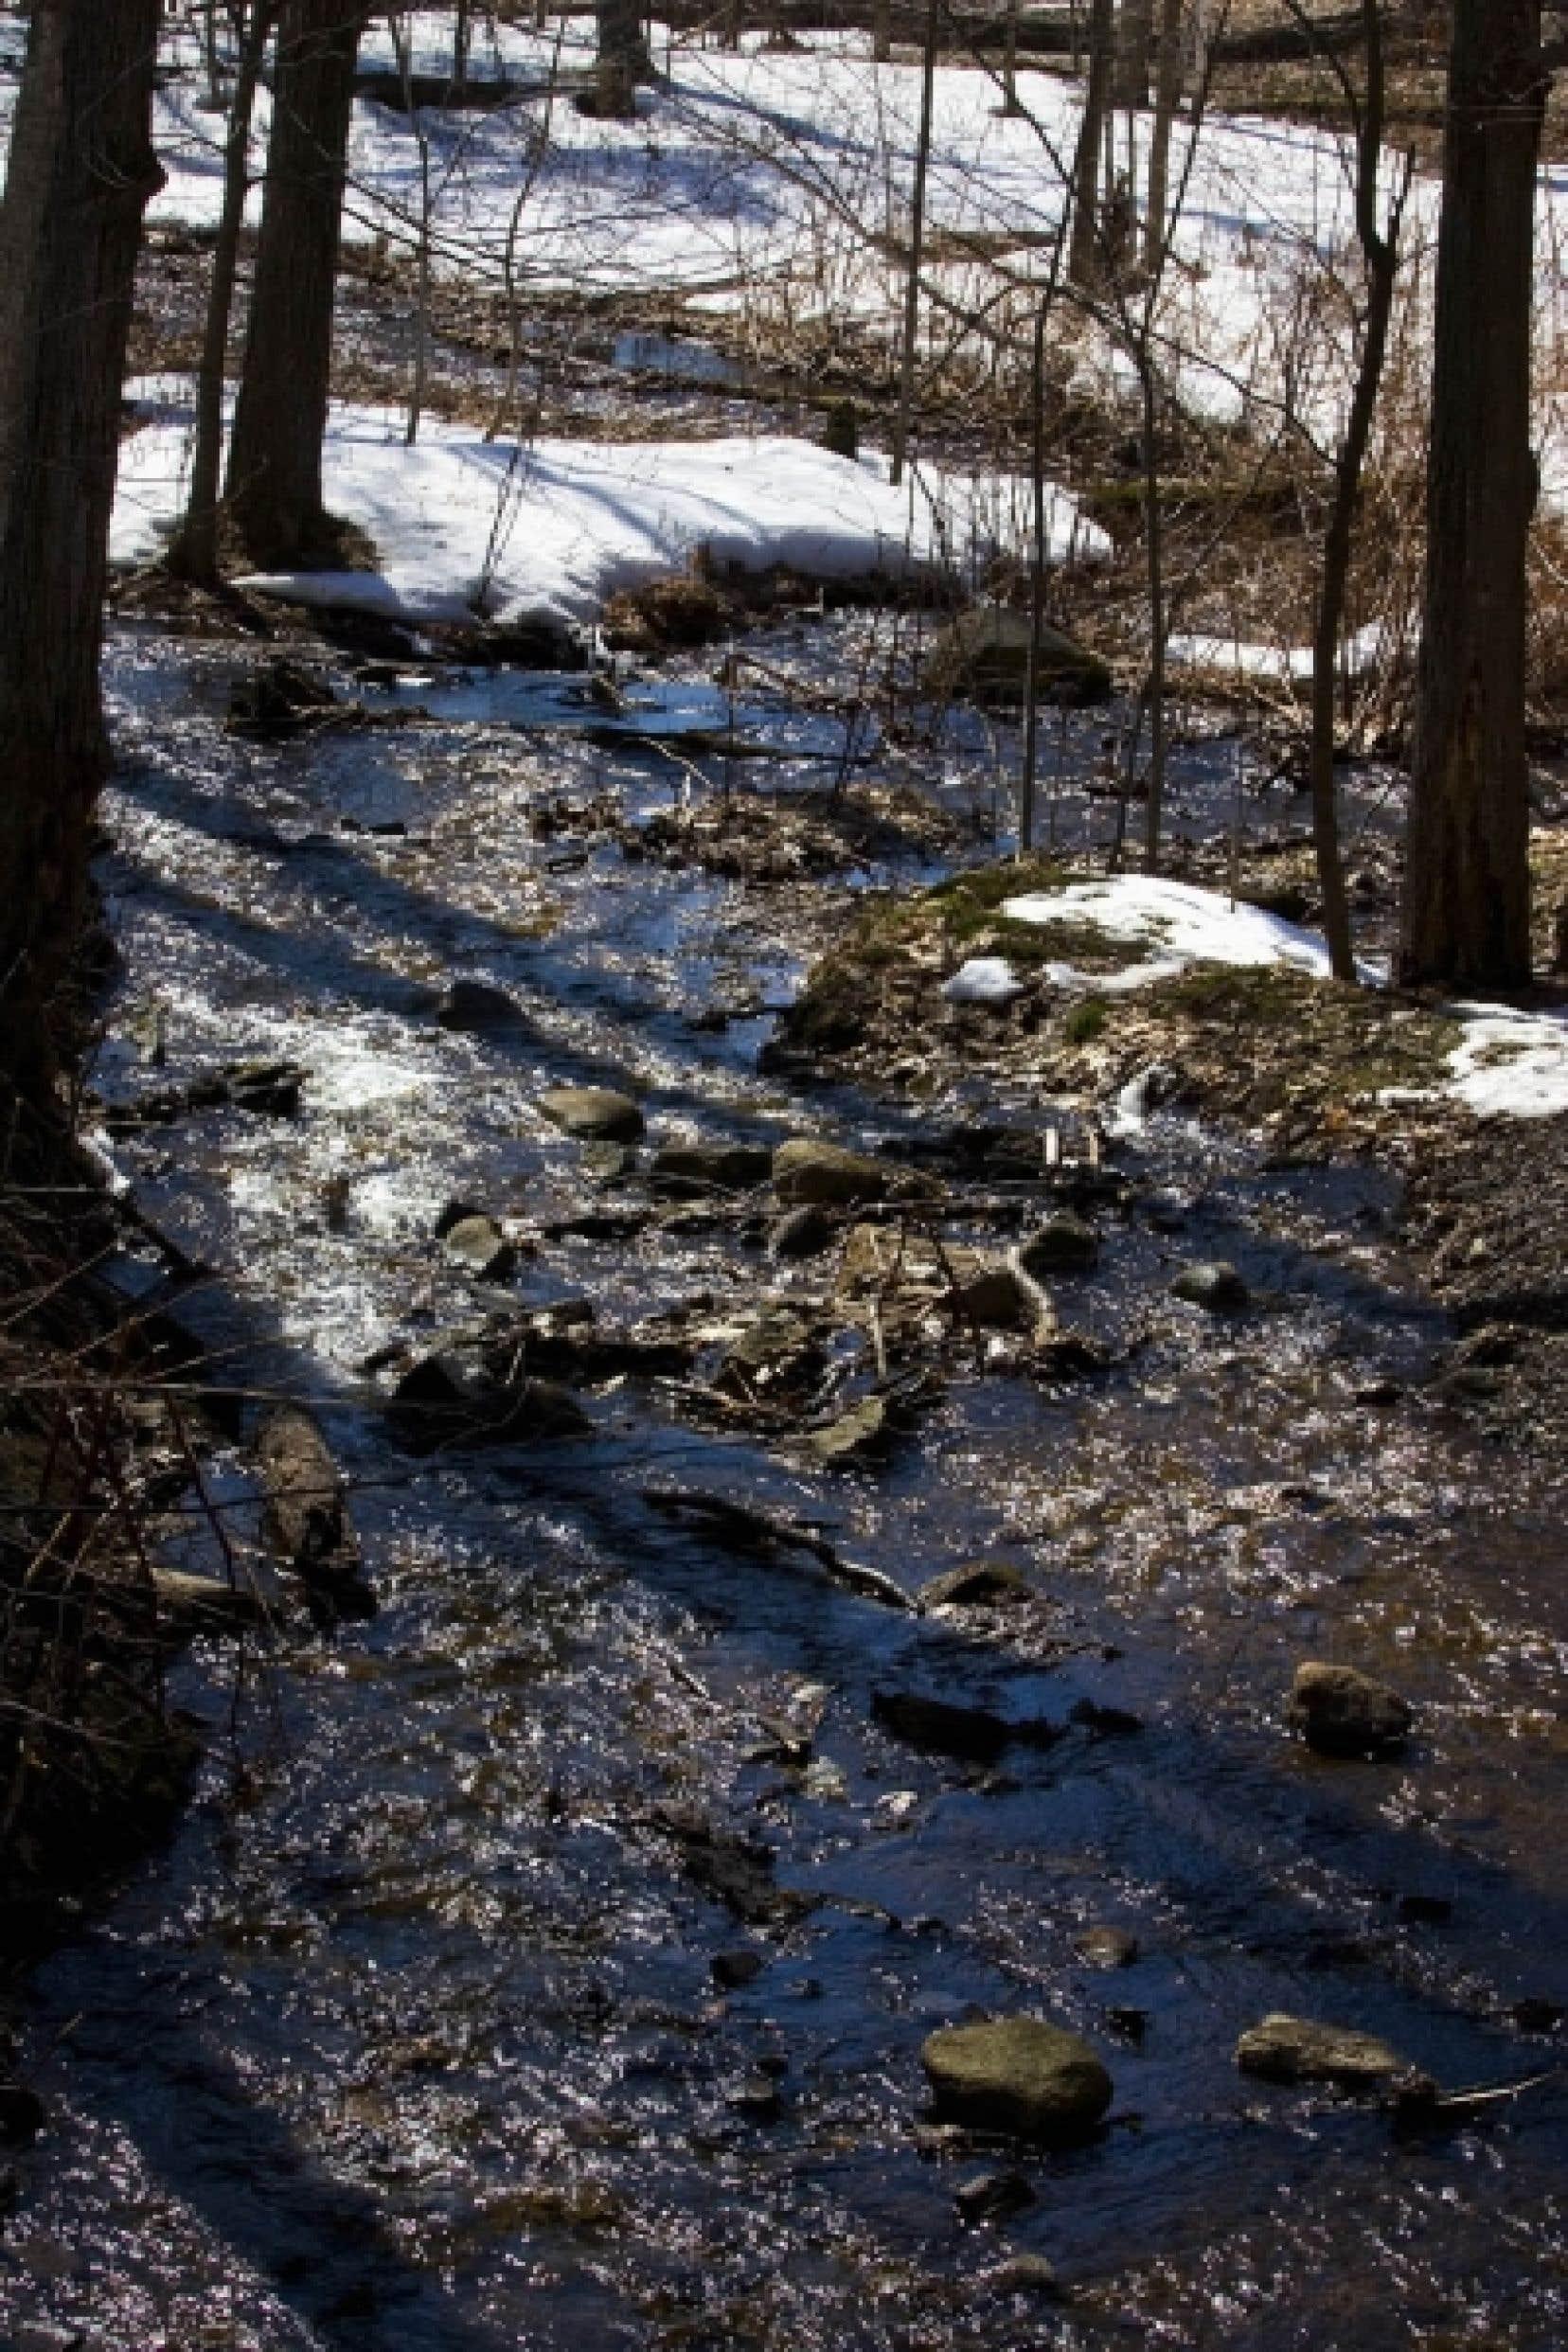 Les «surplus» d'eau sont un mythe, tout comme le fait qu'ils sont «inutilisés», puisque les caractéristiques des écosystèmes en dépendent.